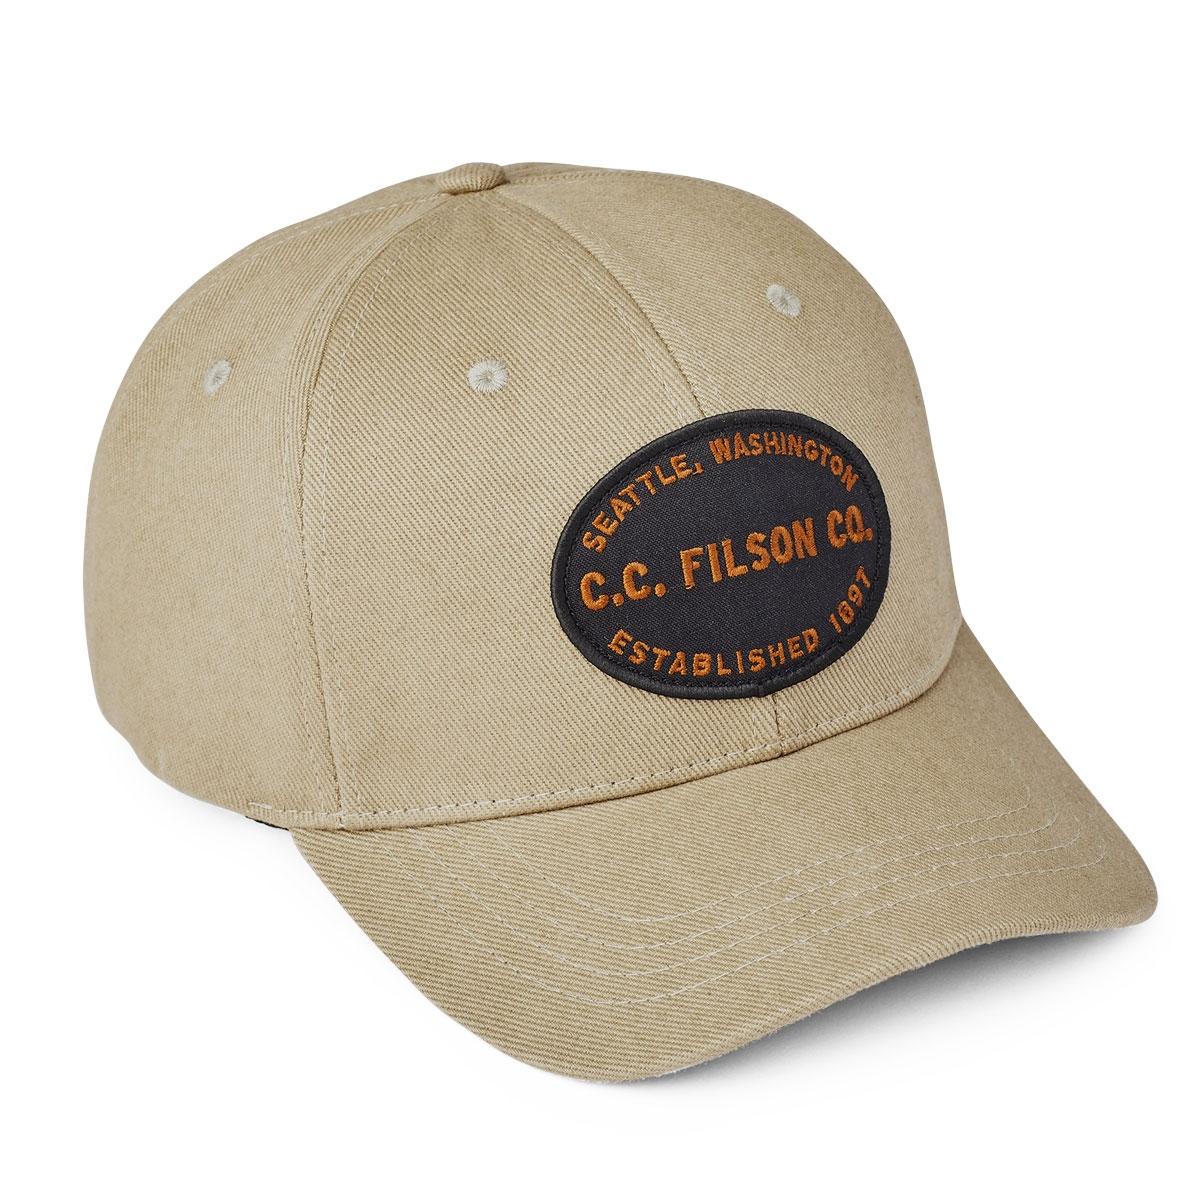 Filson Twill Logger Cap Beige, klassische 6-Panel Kappe, die vor Witterungseinflüssen schützt